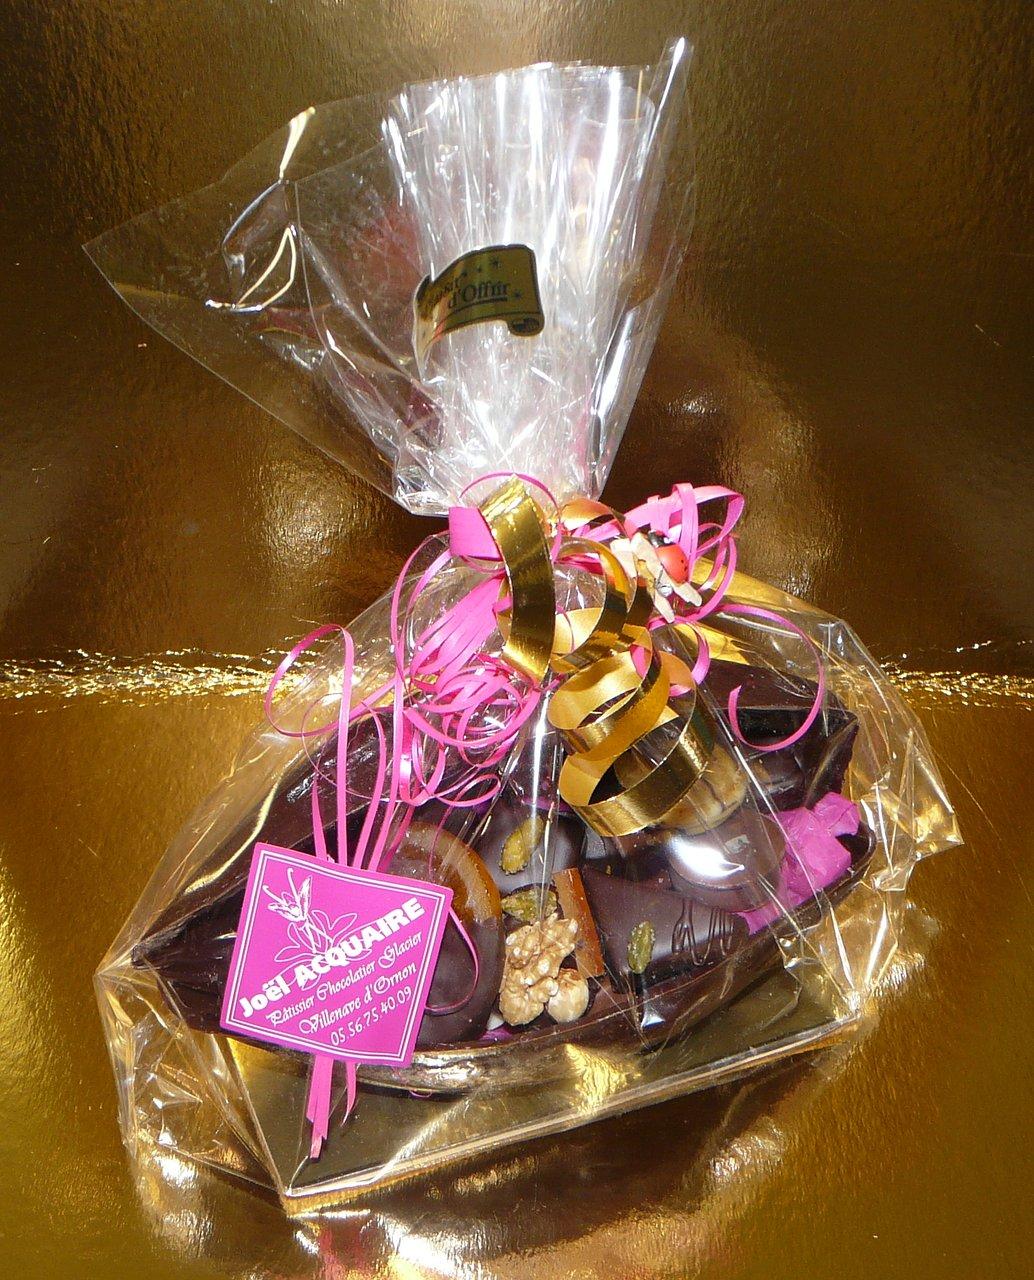 Cabosse Chocolat